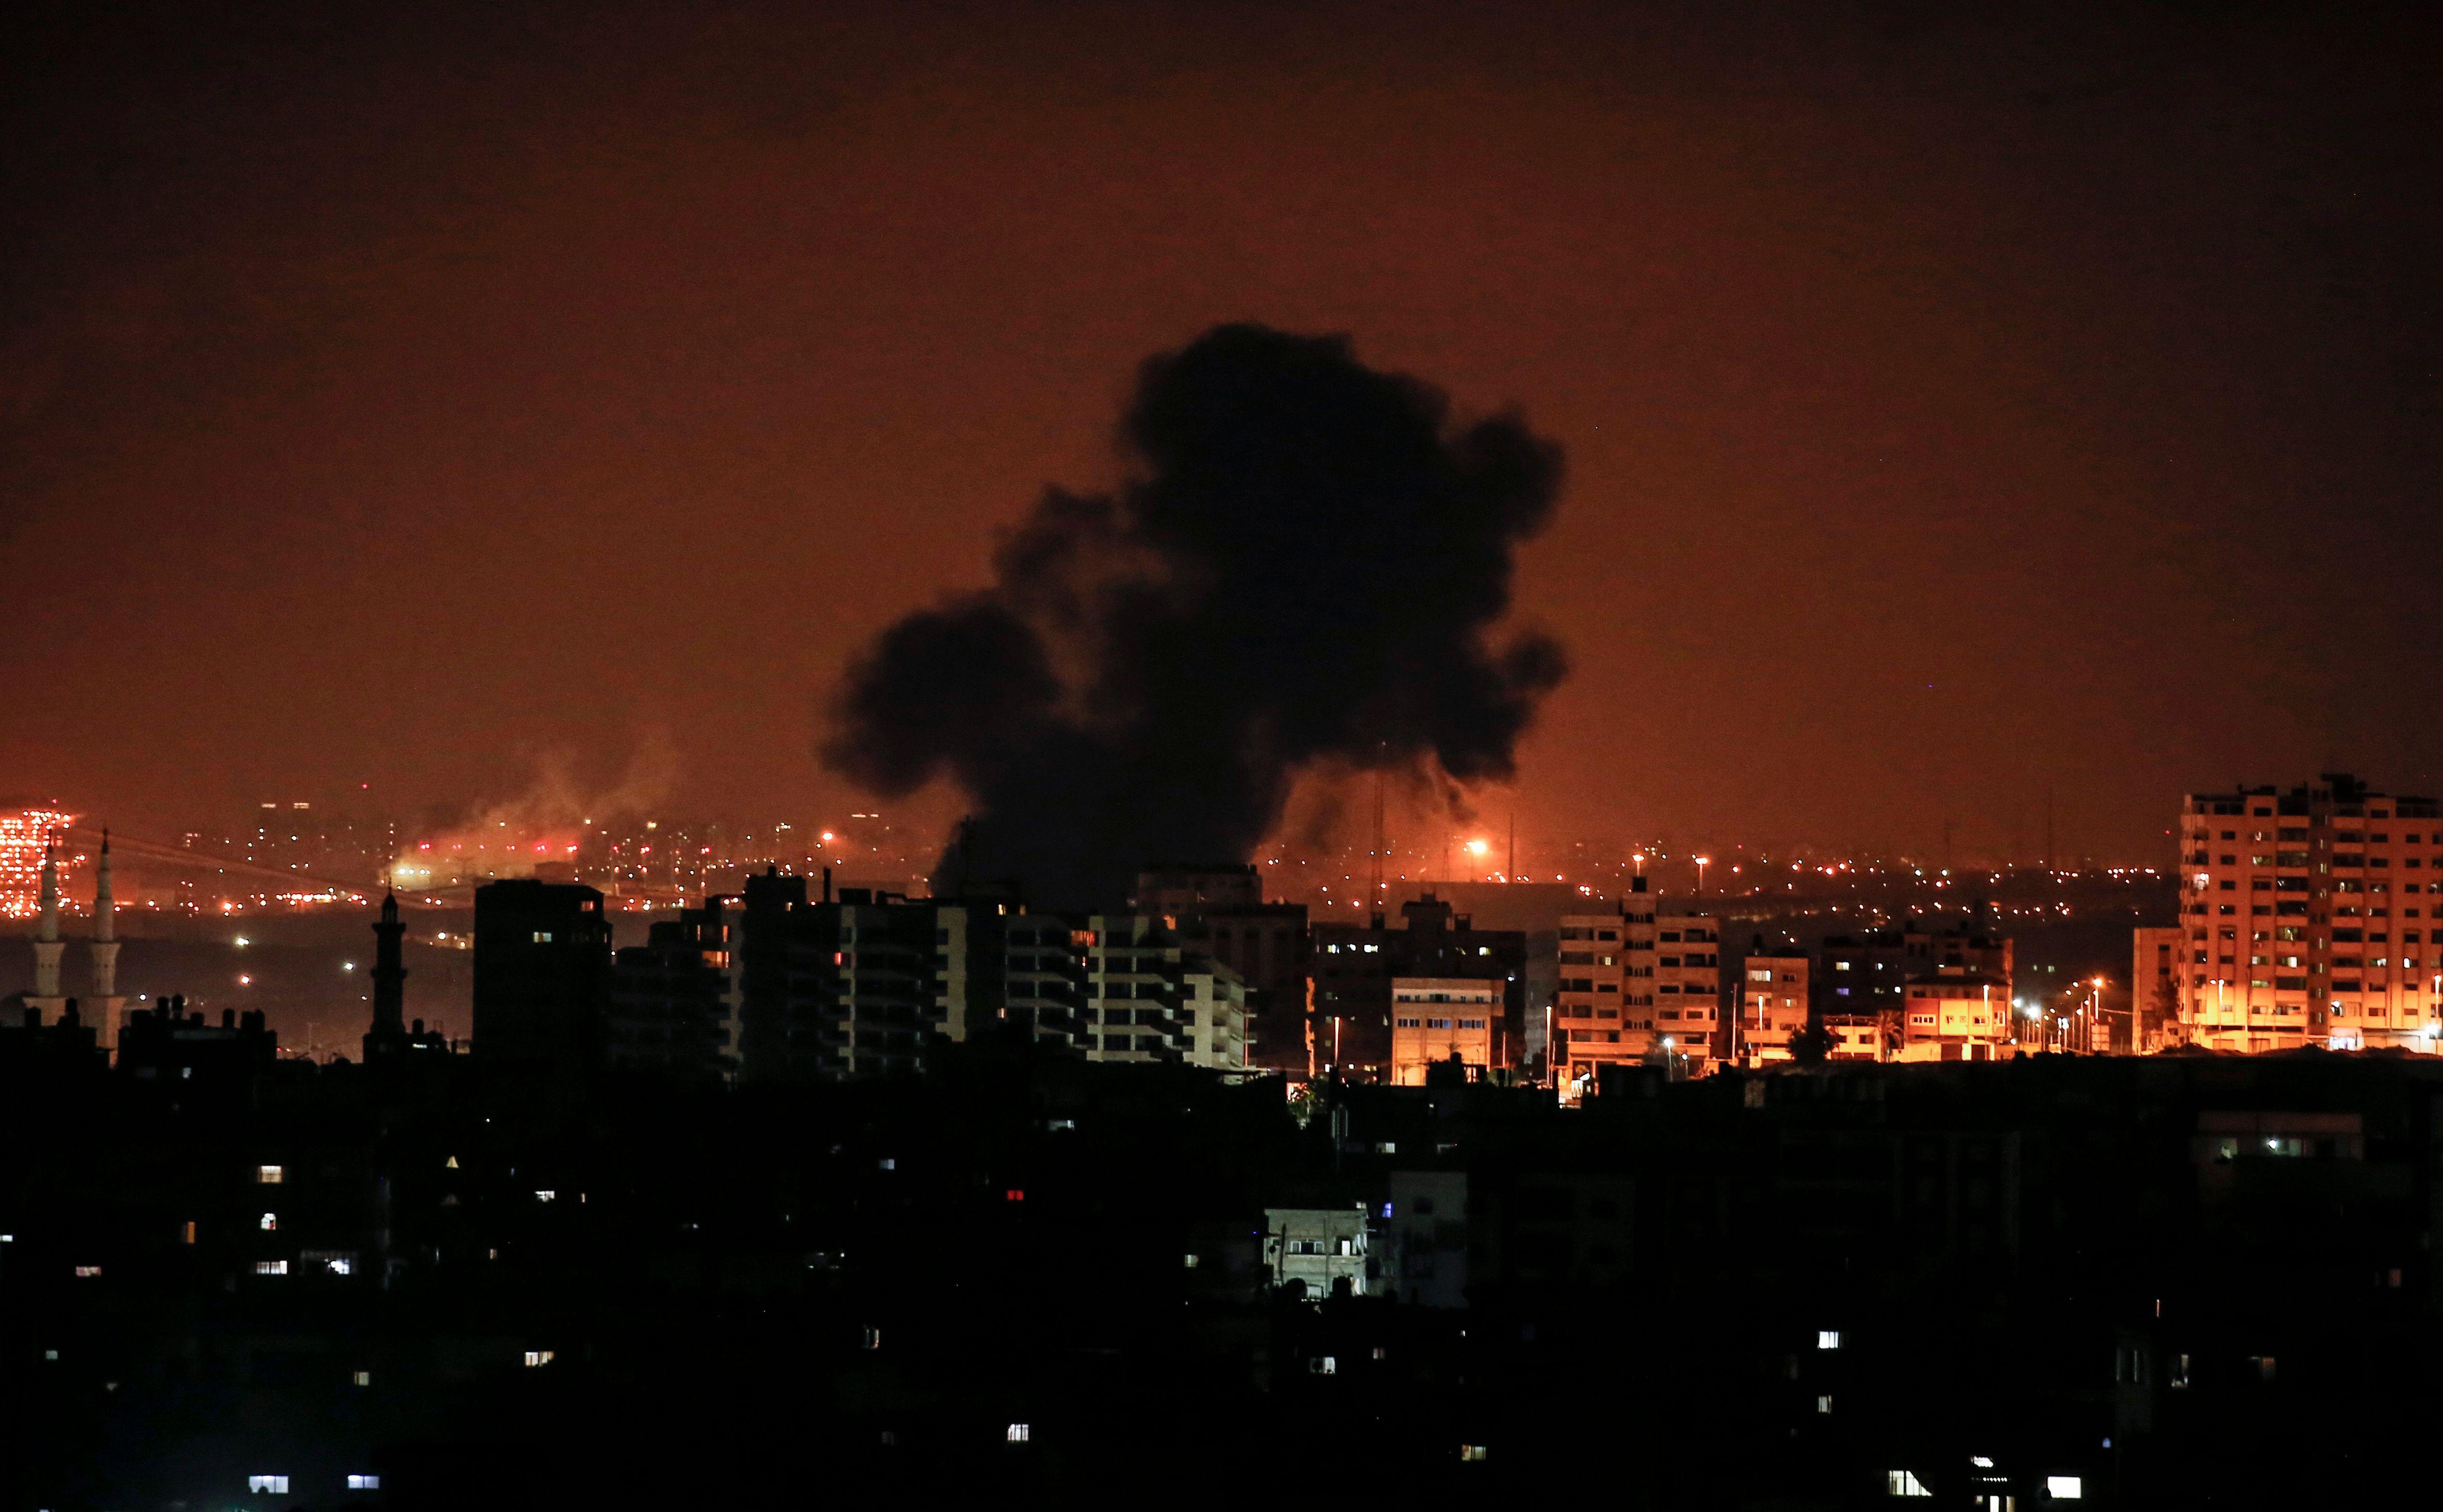 غارات اسرائيلية على قطاع غزة